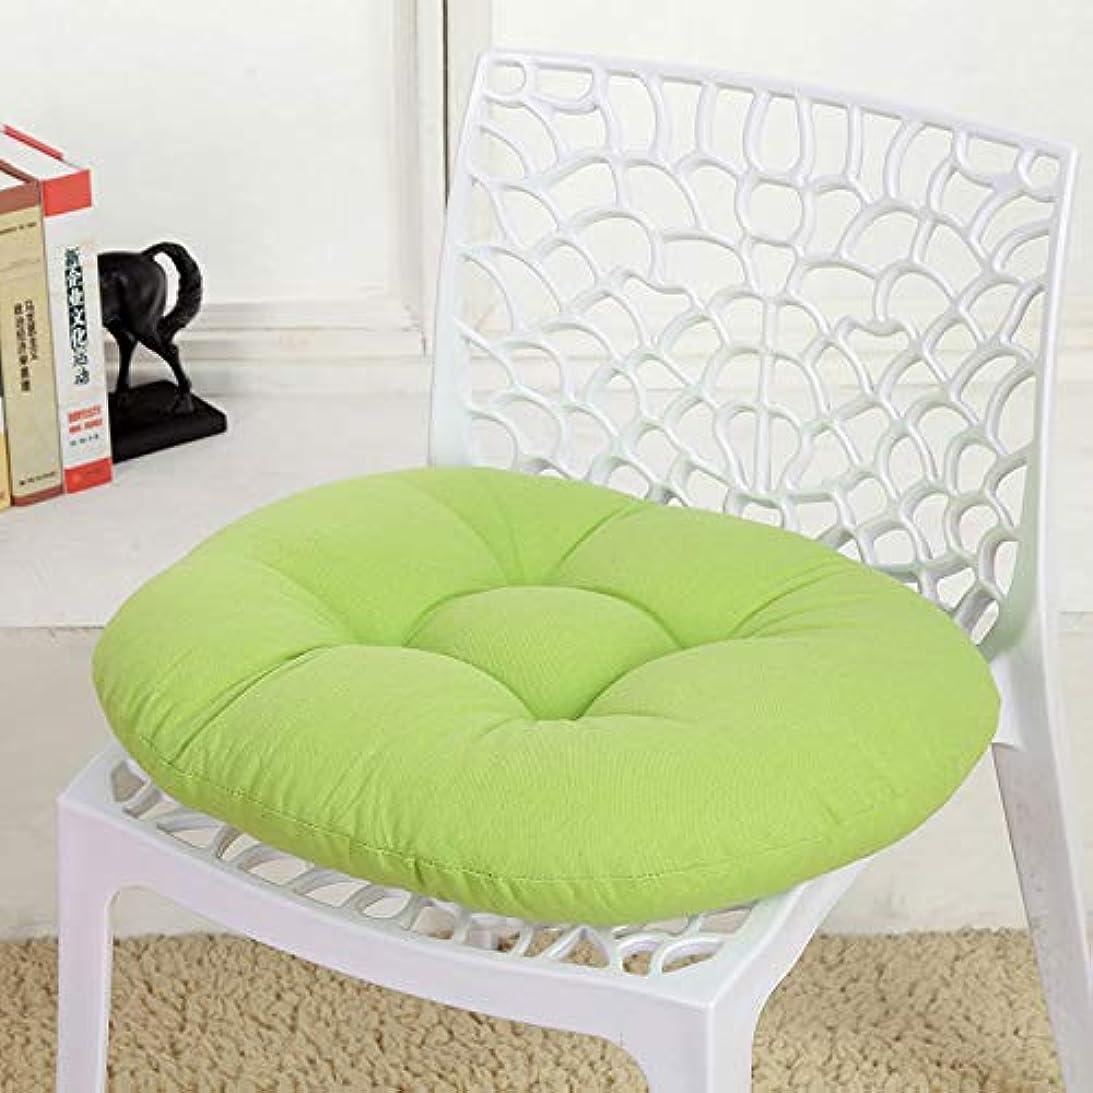 タワーインタビュー安定SMART キャンディカラーのクッションラウンドシートクッション波ウィンドウシートクッションクッション家の装飾パッドラウンド枕シート枕椅子座る枕 クッション 椅子